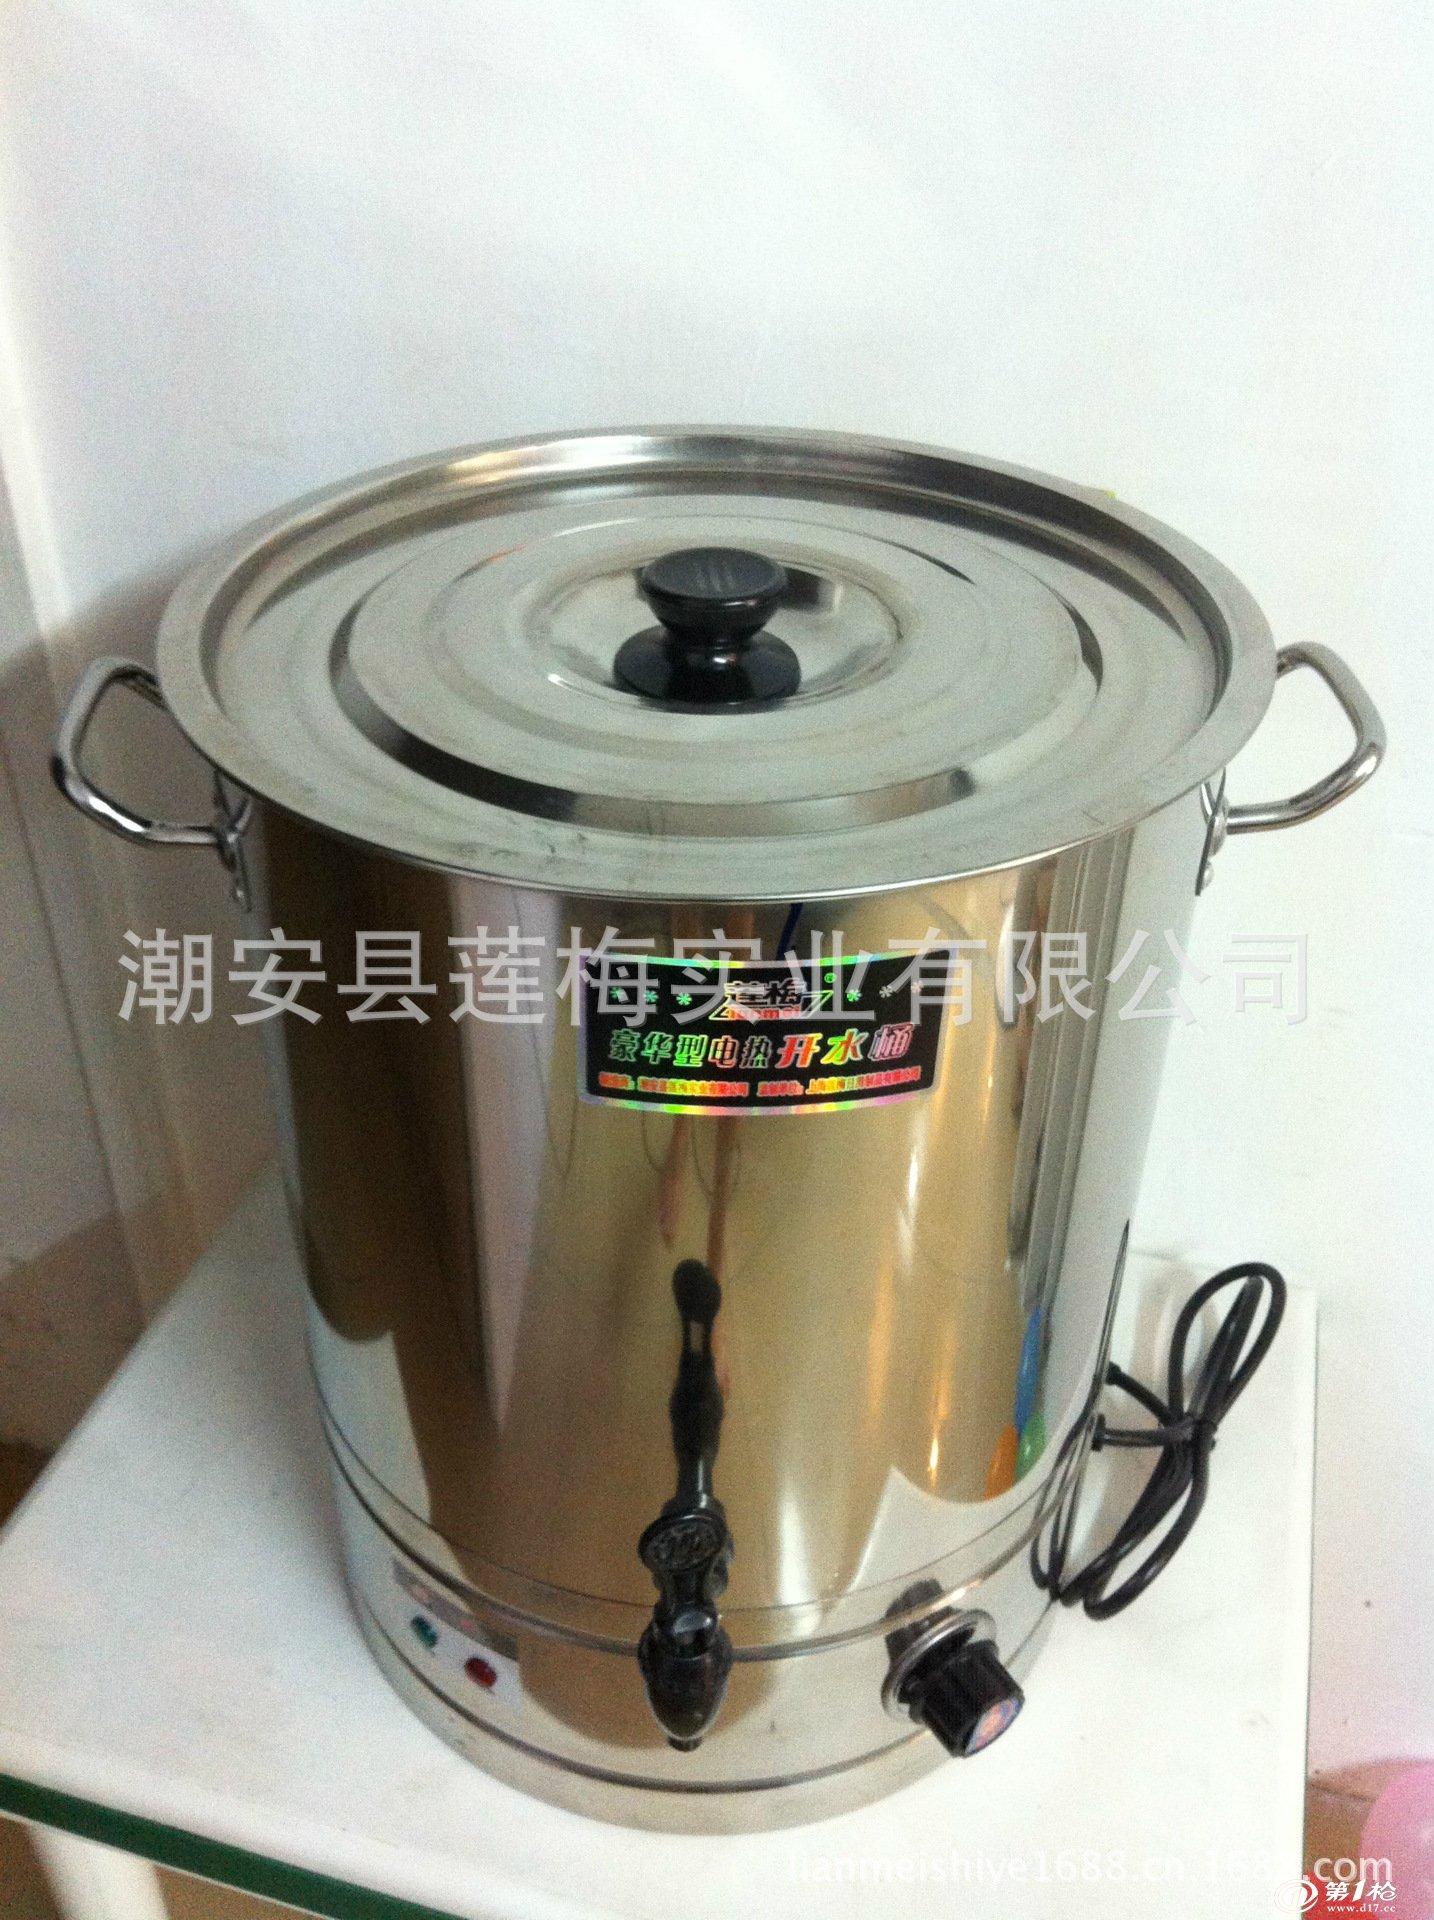 批发不锈钢电热开水桶,特色餐饮电热桶,多用桶